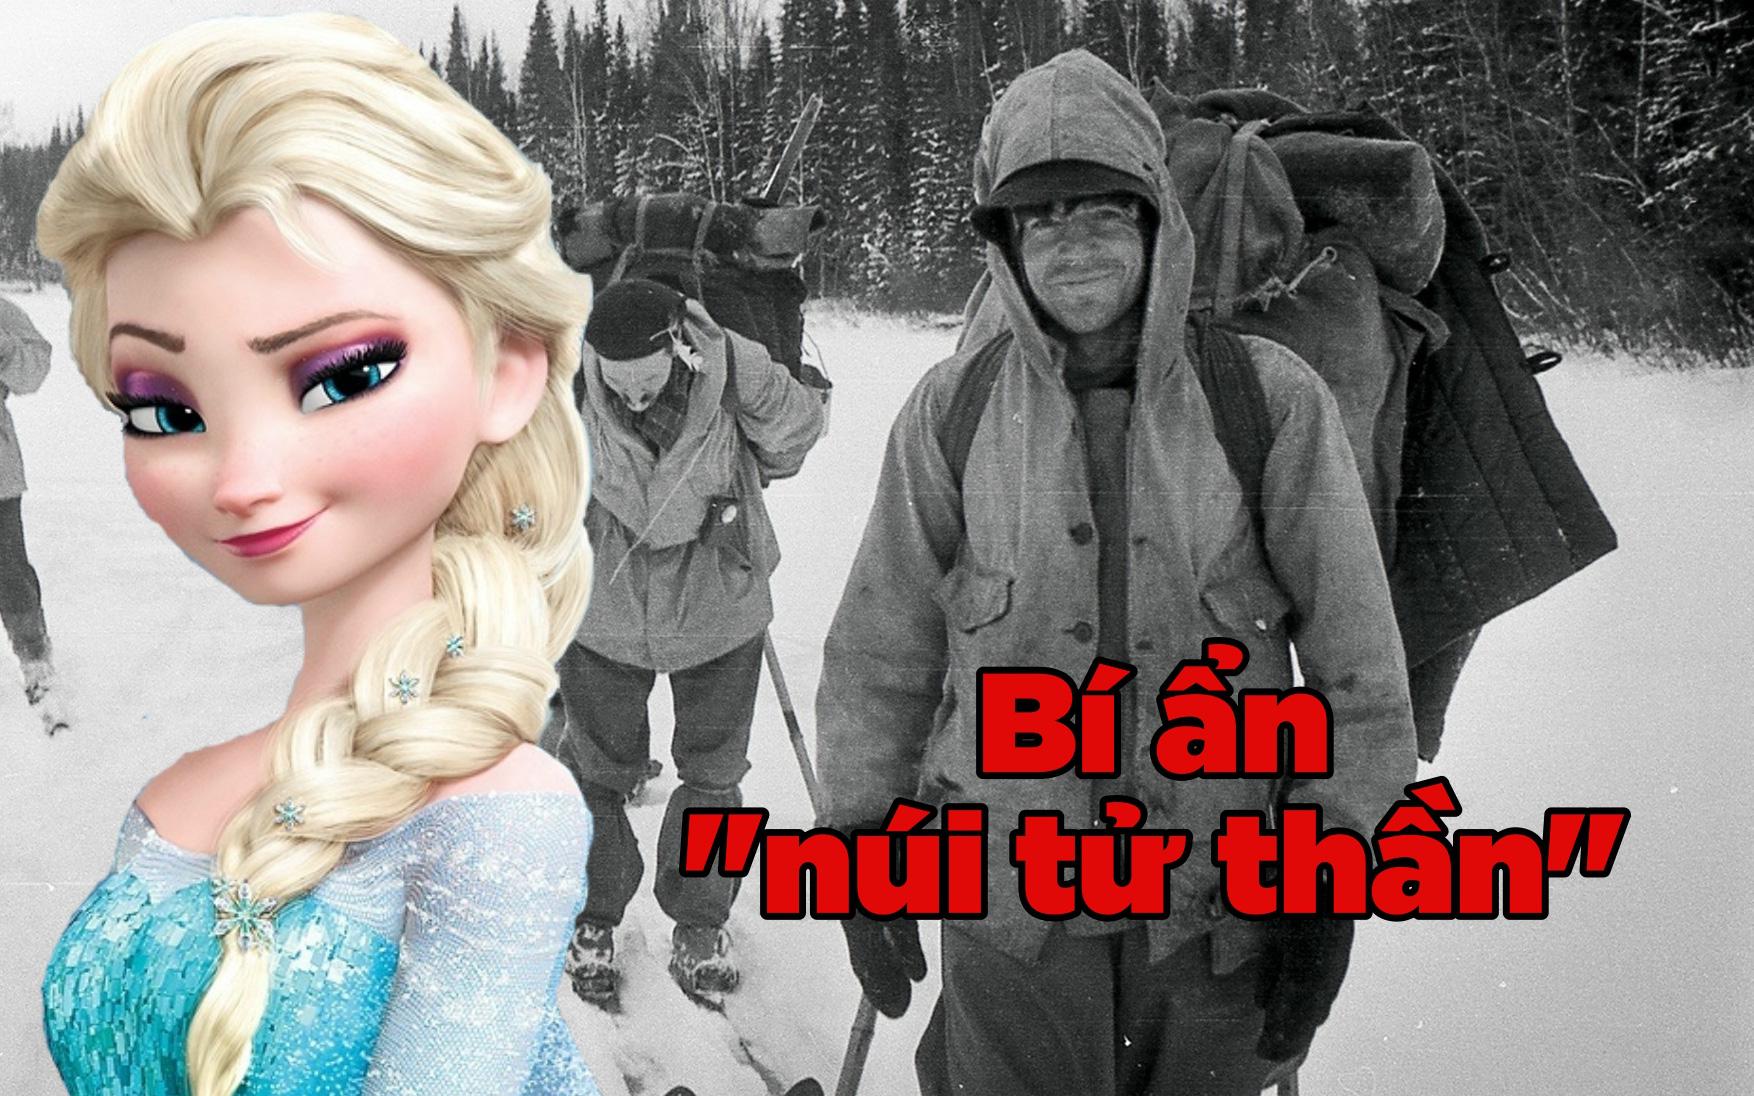 """Frozen từng giúp giải mã """"thảm kịch núi tử thần"""" 62 năm không lời giải: 9 người chết bí ẩn với vết thương lạ, sự thật đằng sau là gì?"""